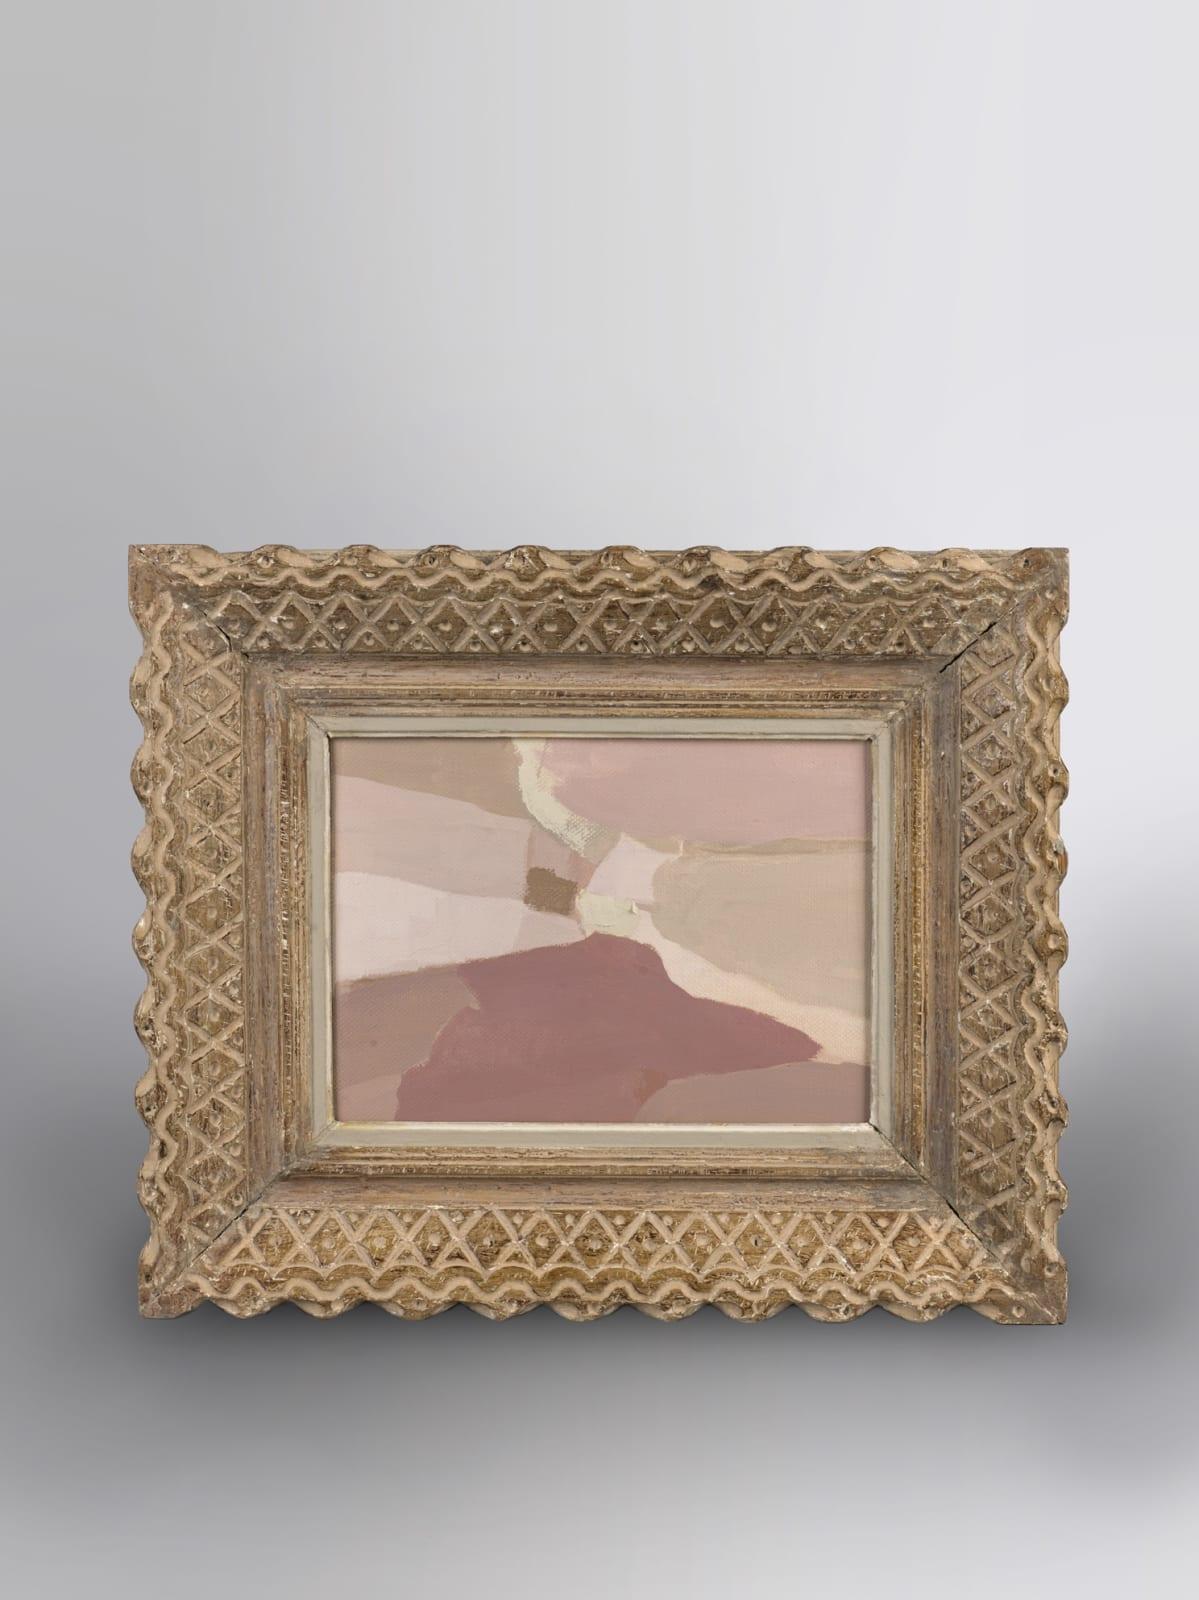 La vie en Rose oil on canvas 45cm x 54cm